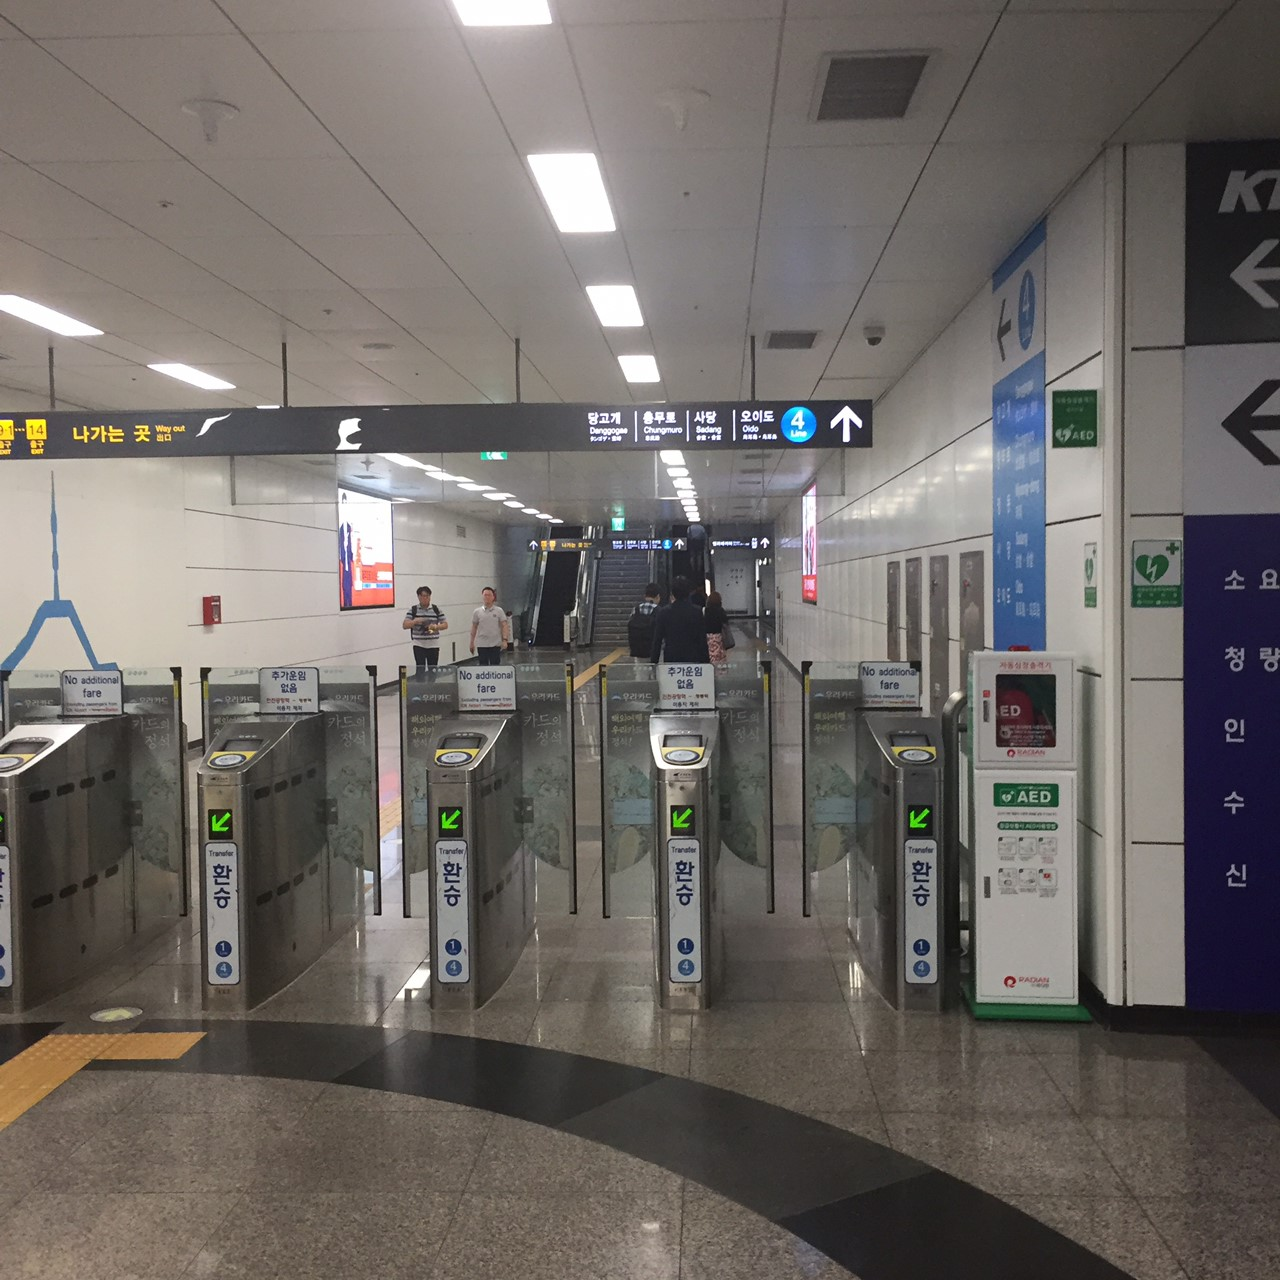 ソウル駅地下3階で地下鉄4番線 乗り継ぎ改札